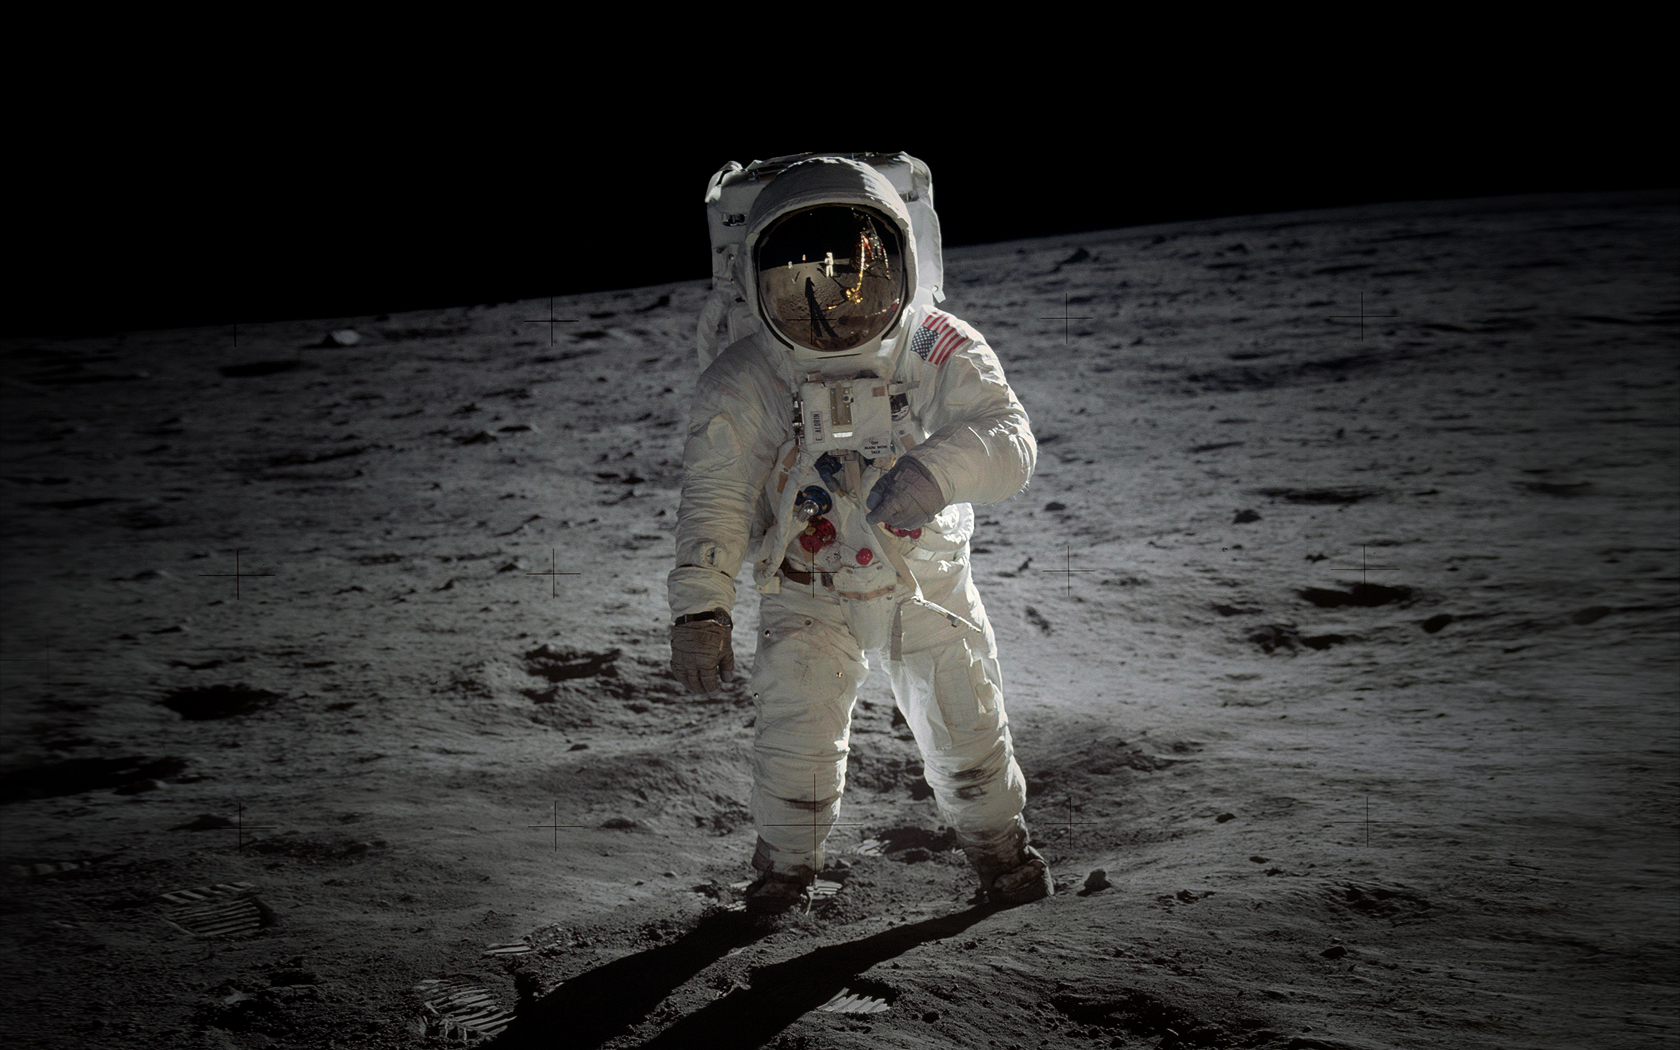 Apollo 11 by JohnnySlowhand on DeviantArt